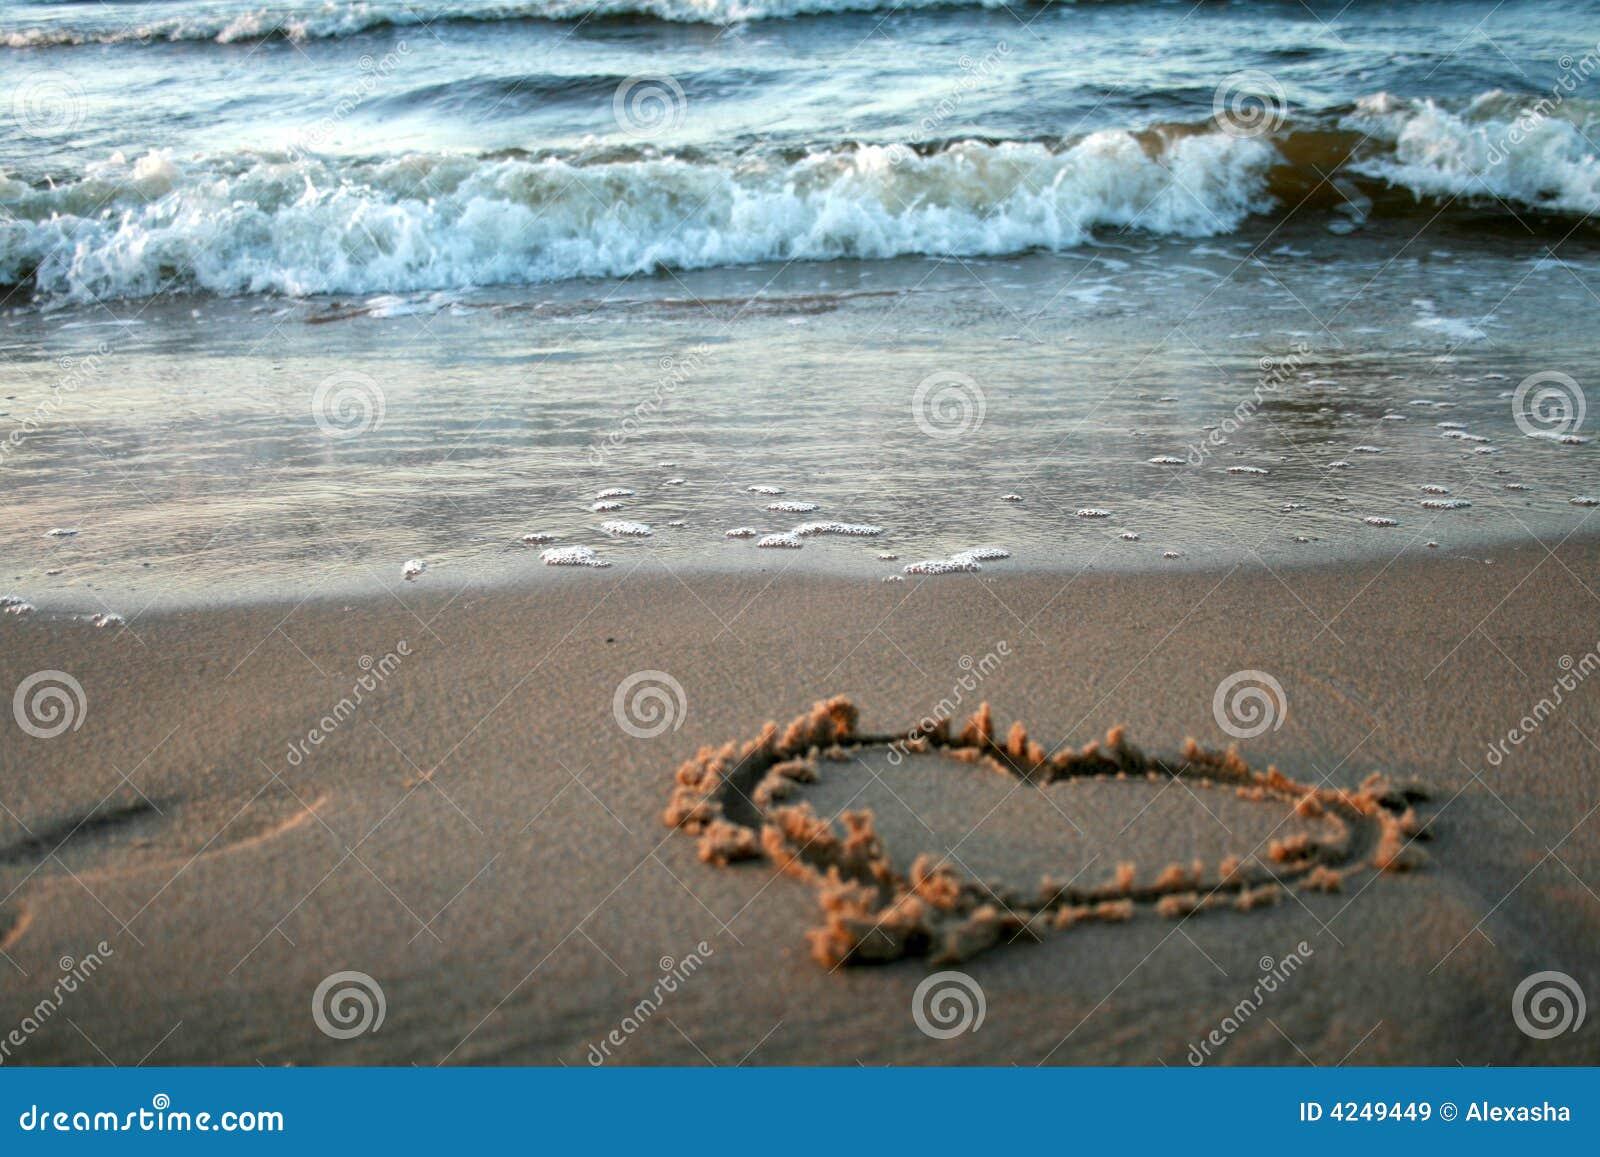 Eu Te Amo Escrito Na Areia Imagens De Stock Royalty Free: Amor E O Mar Imagens De Stock Royalty Free